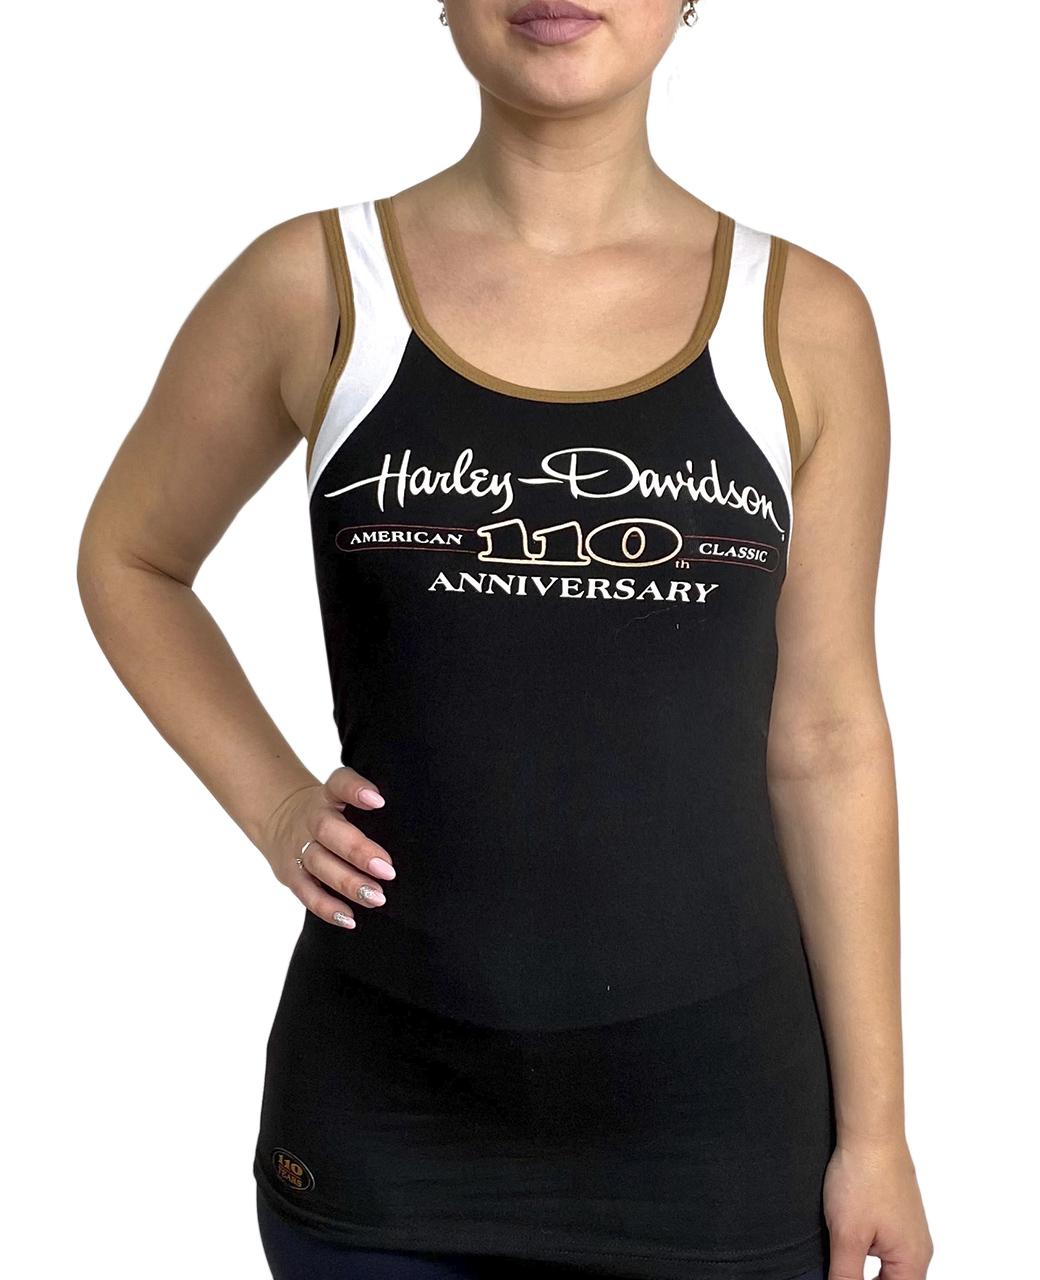 Женская майка борцовка от бренда Harley-Davidson